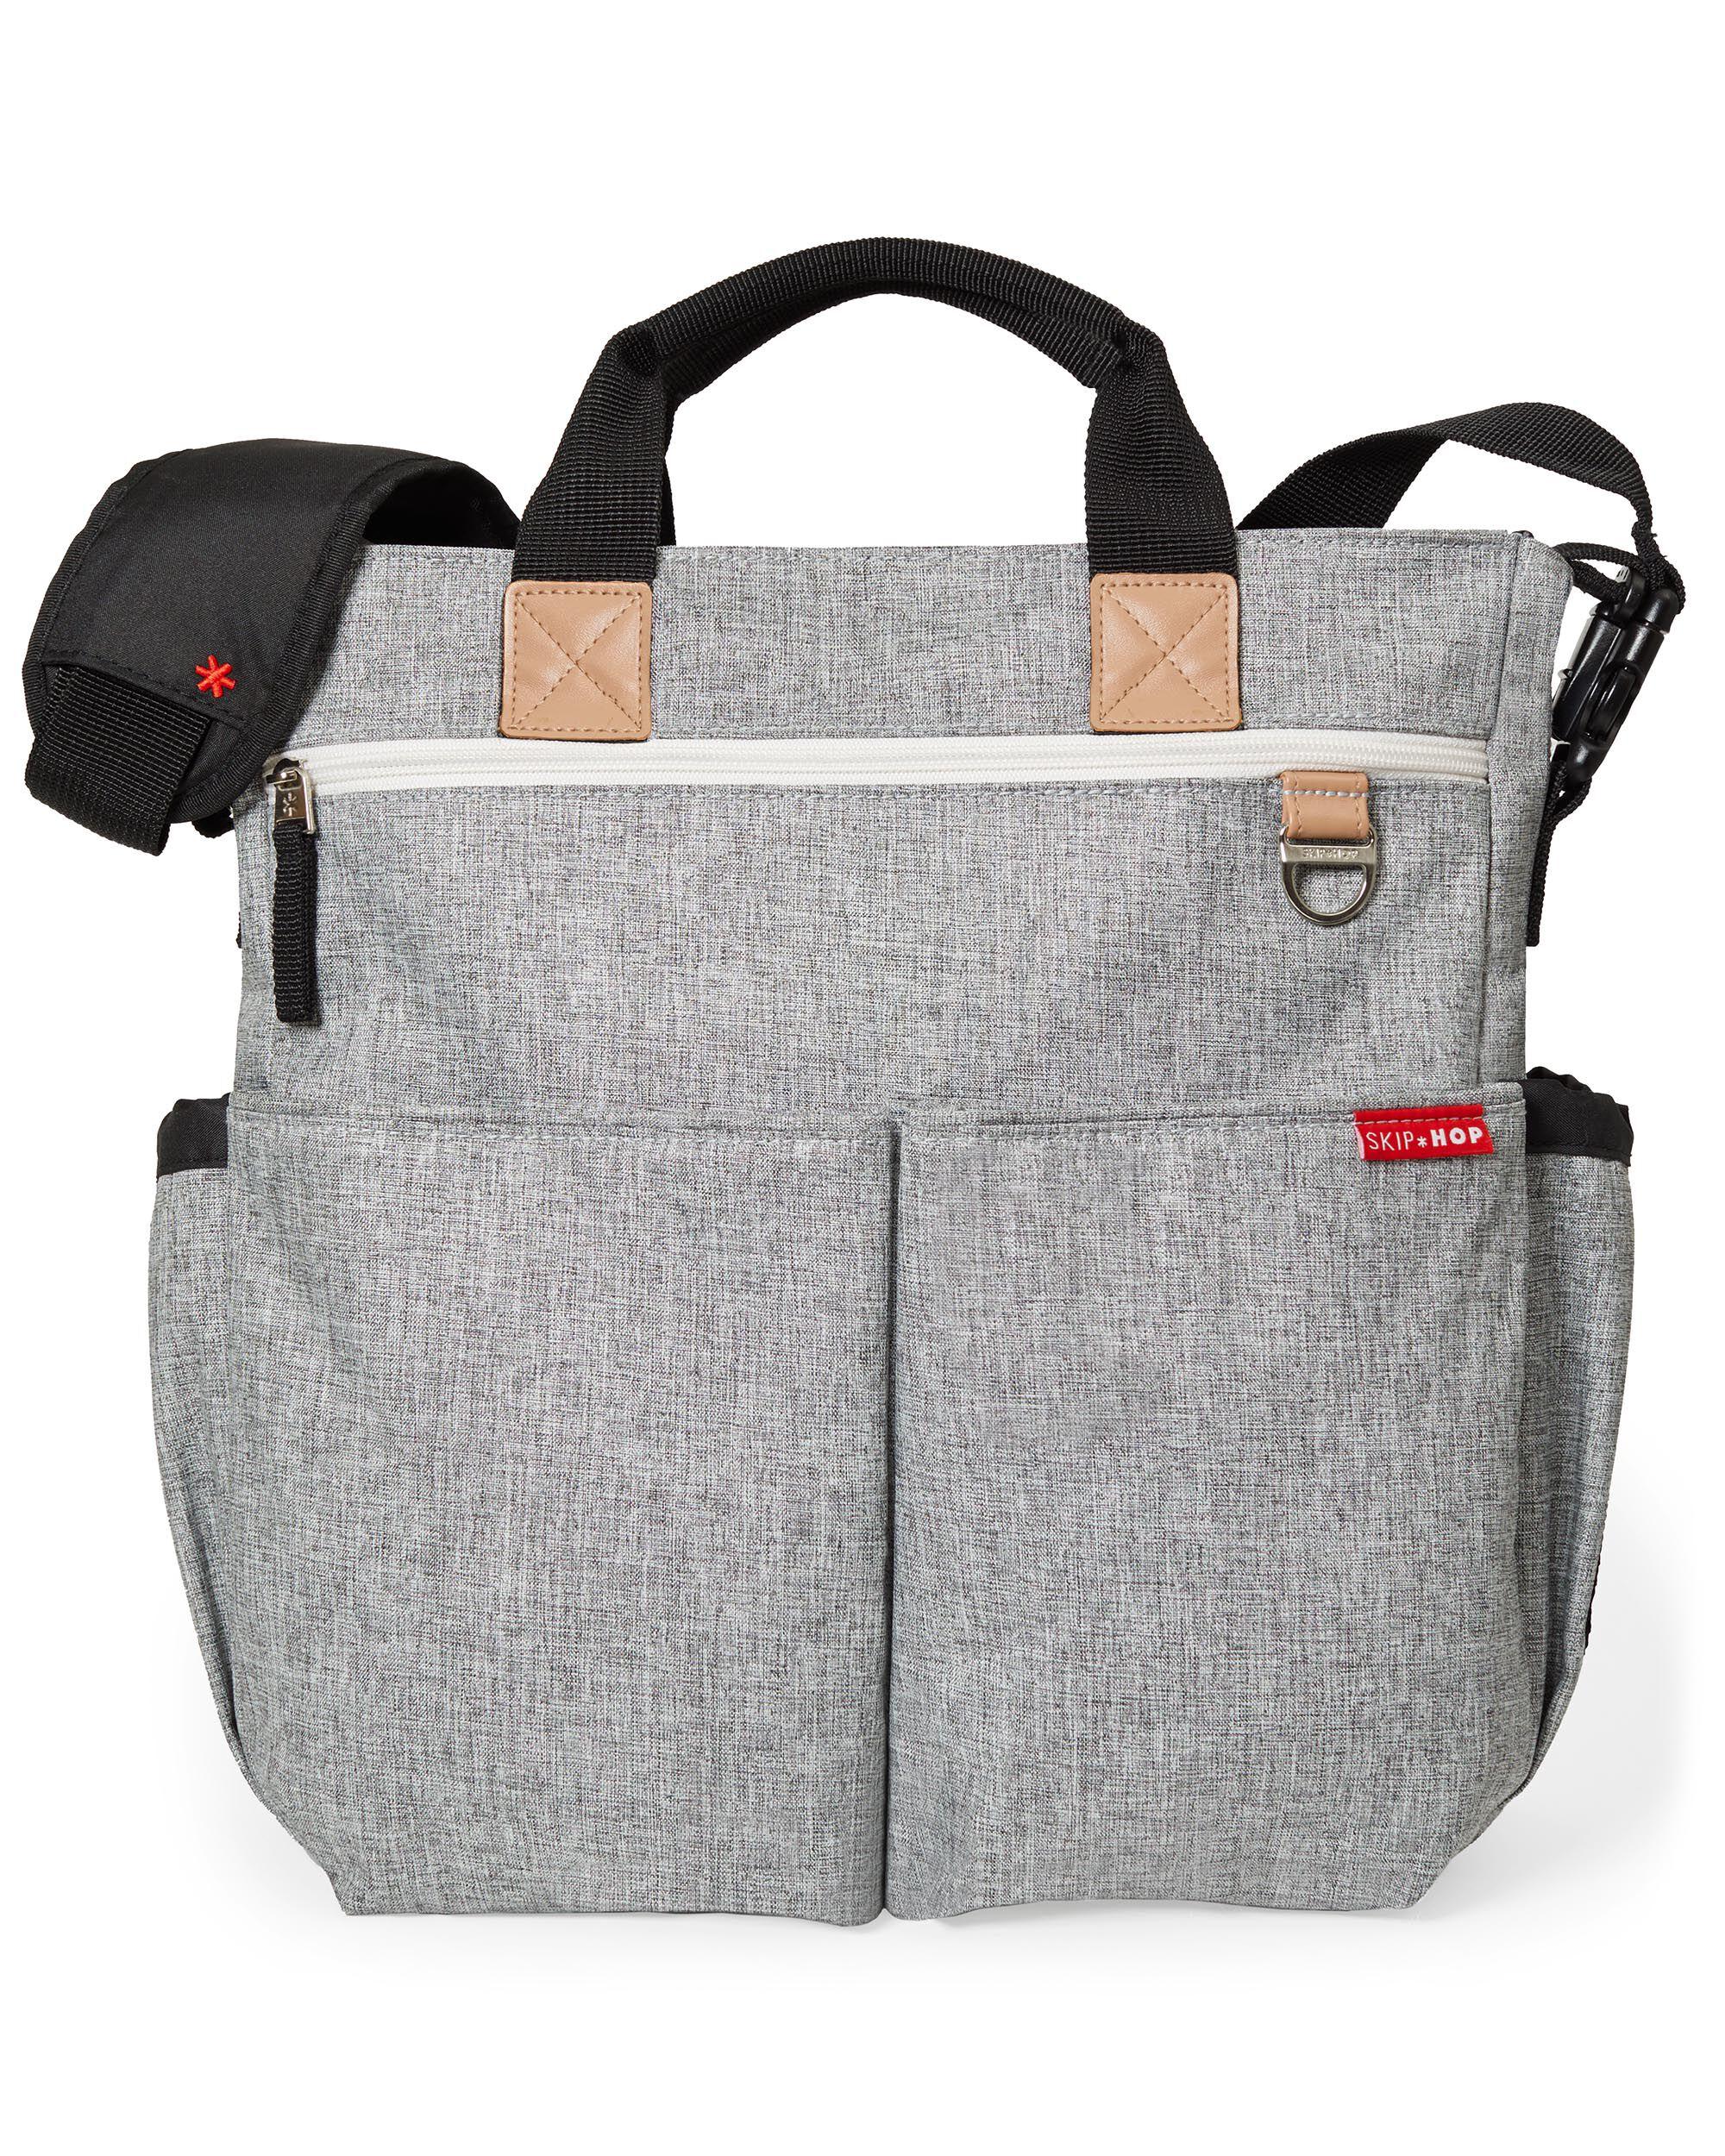 Oshkoshbgosh Duo Signature Diaper Bags